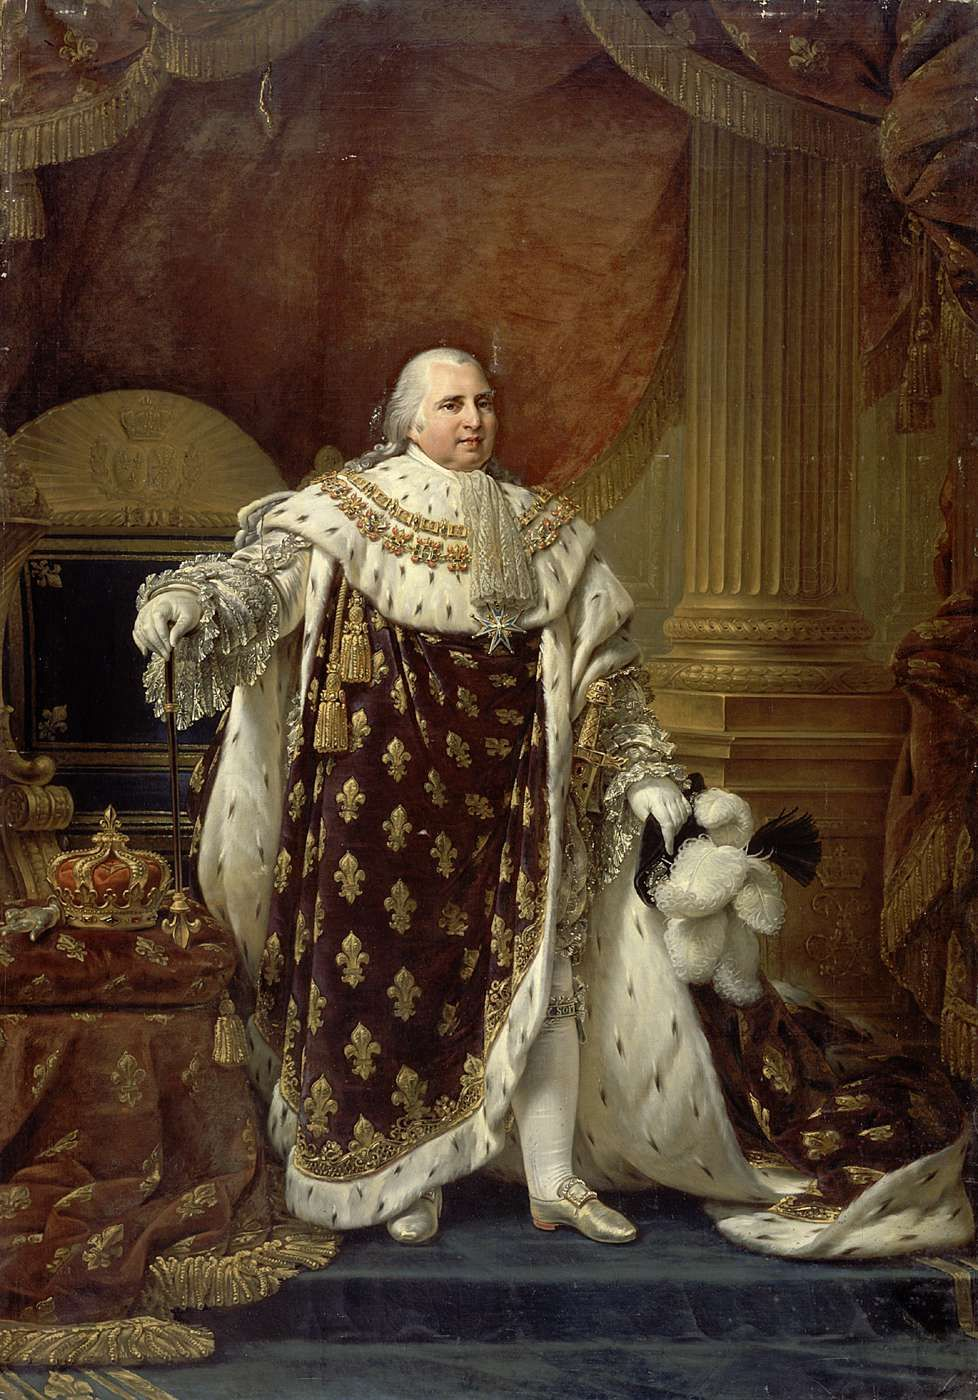 Portraits En Costume De Sacre De Louis Xvi A Charles X L Histoire Par L Image Plein Cadre Roi De France Monarchie Francaise Portraits